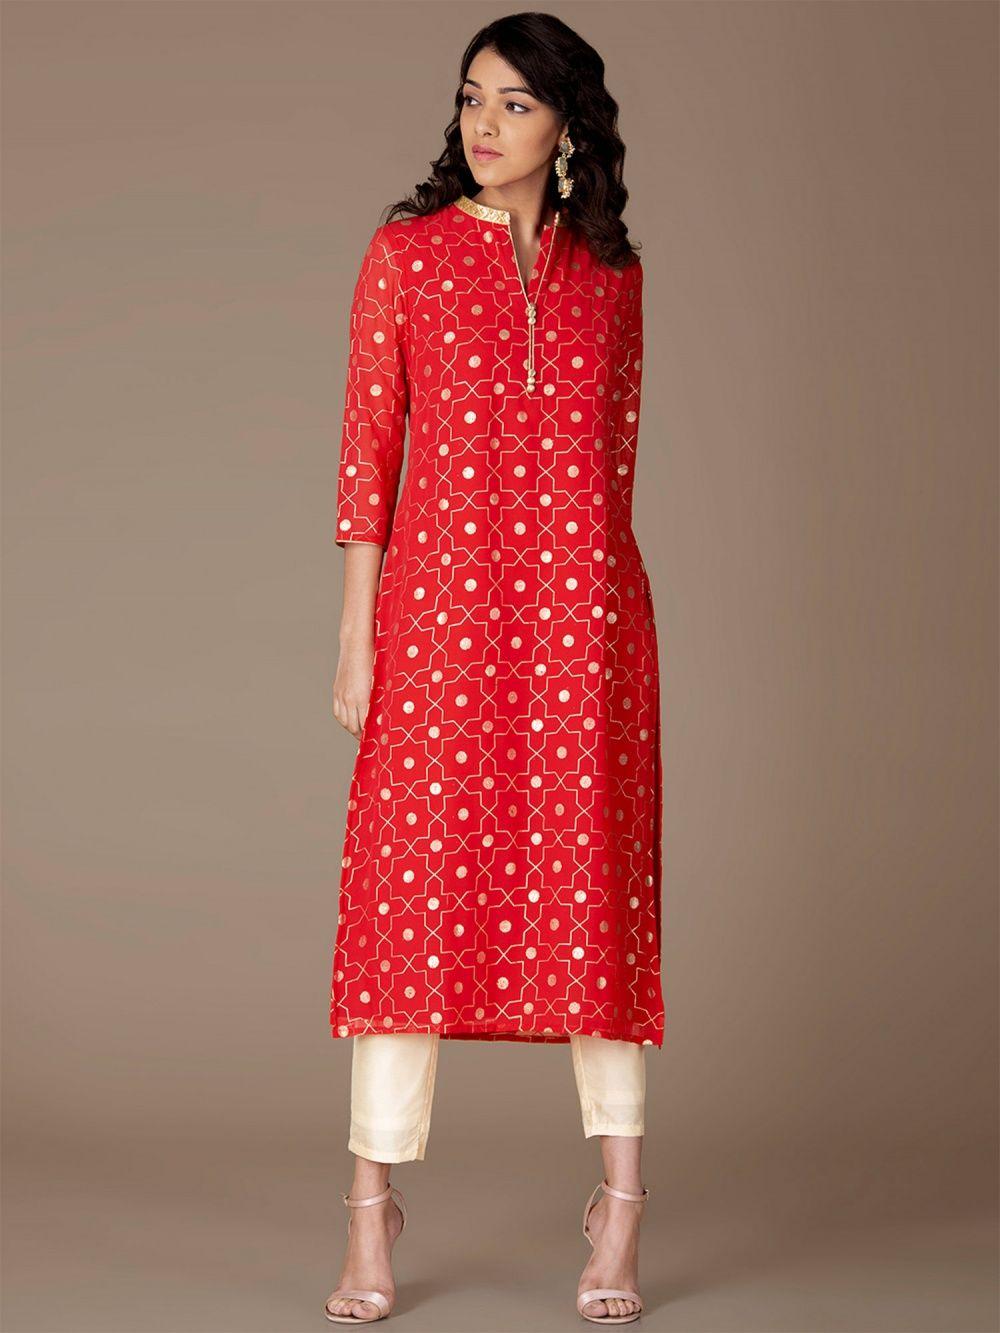 d525d73826f Indya Kurtis Kurtas and Tunics : Buy Indya Red Embellished Collar ...